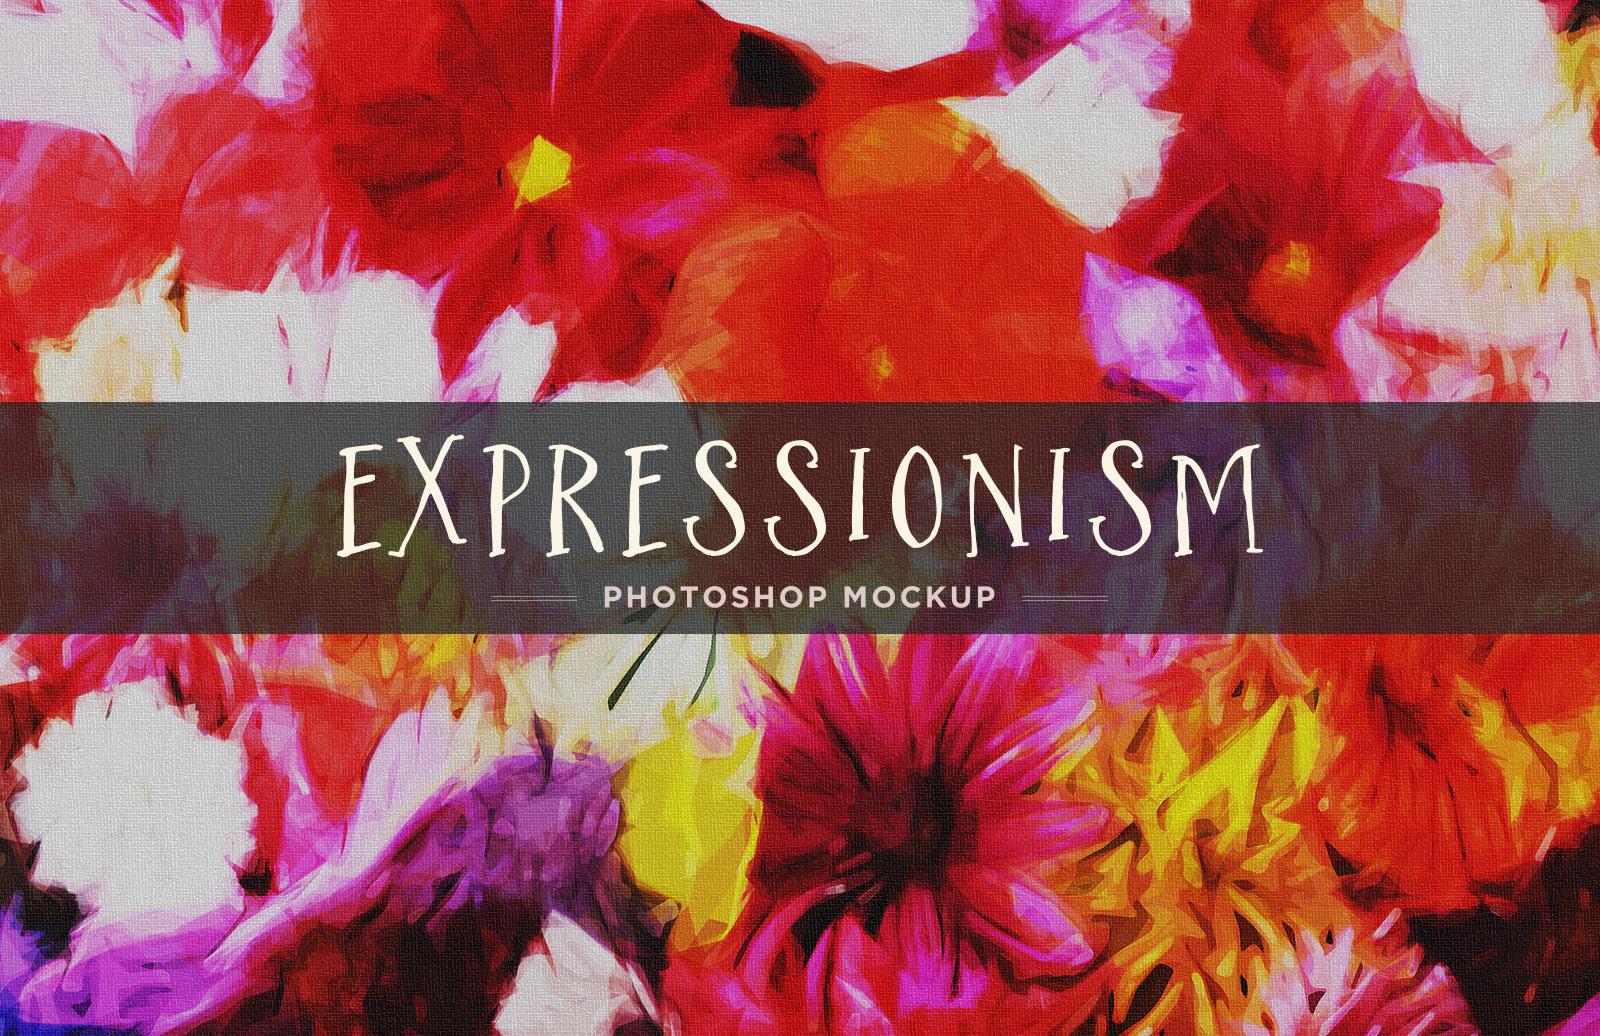 Expressionism - Photoshop Mockup 1